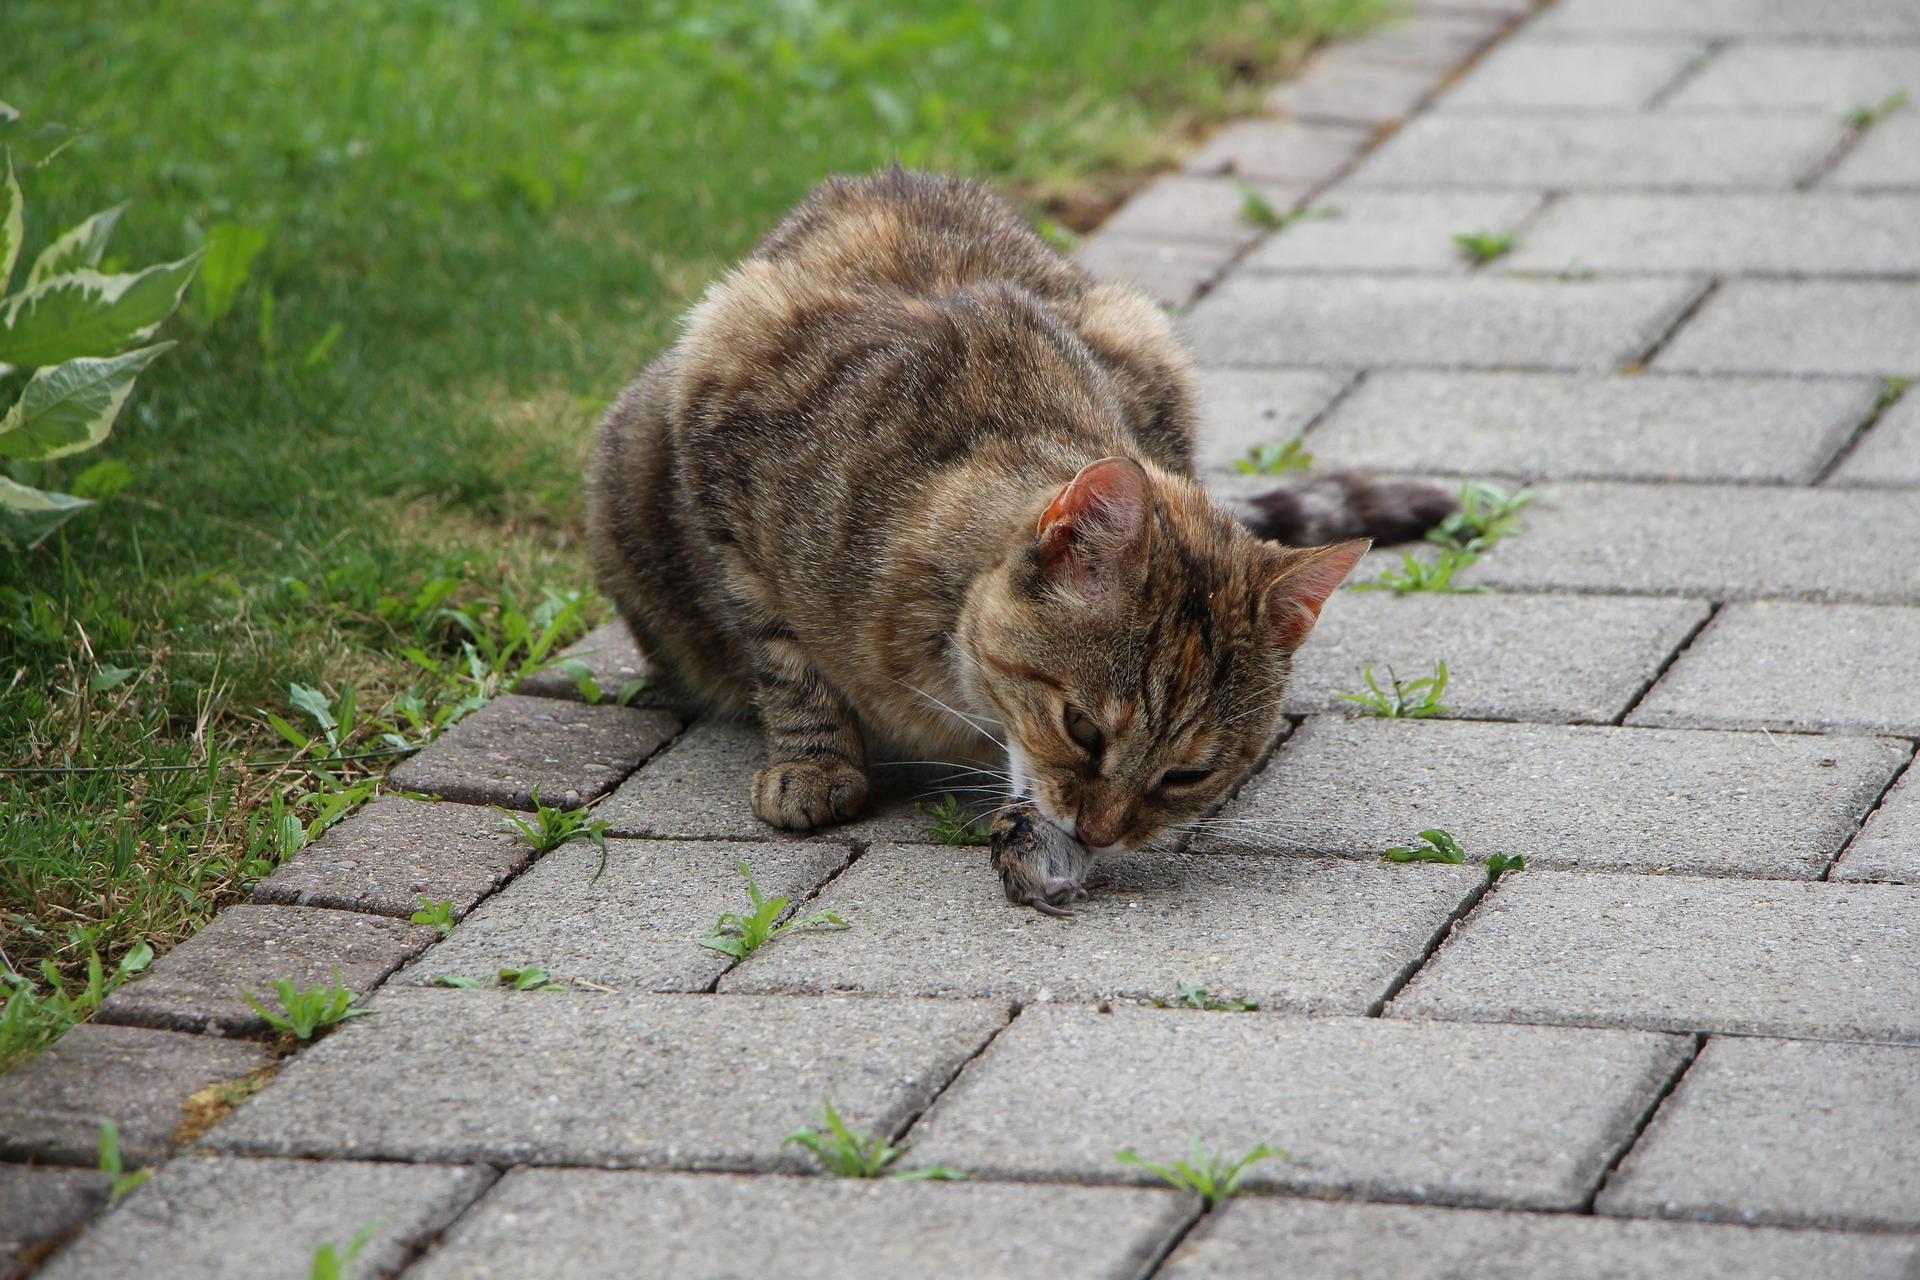 Do cats eat mice